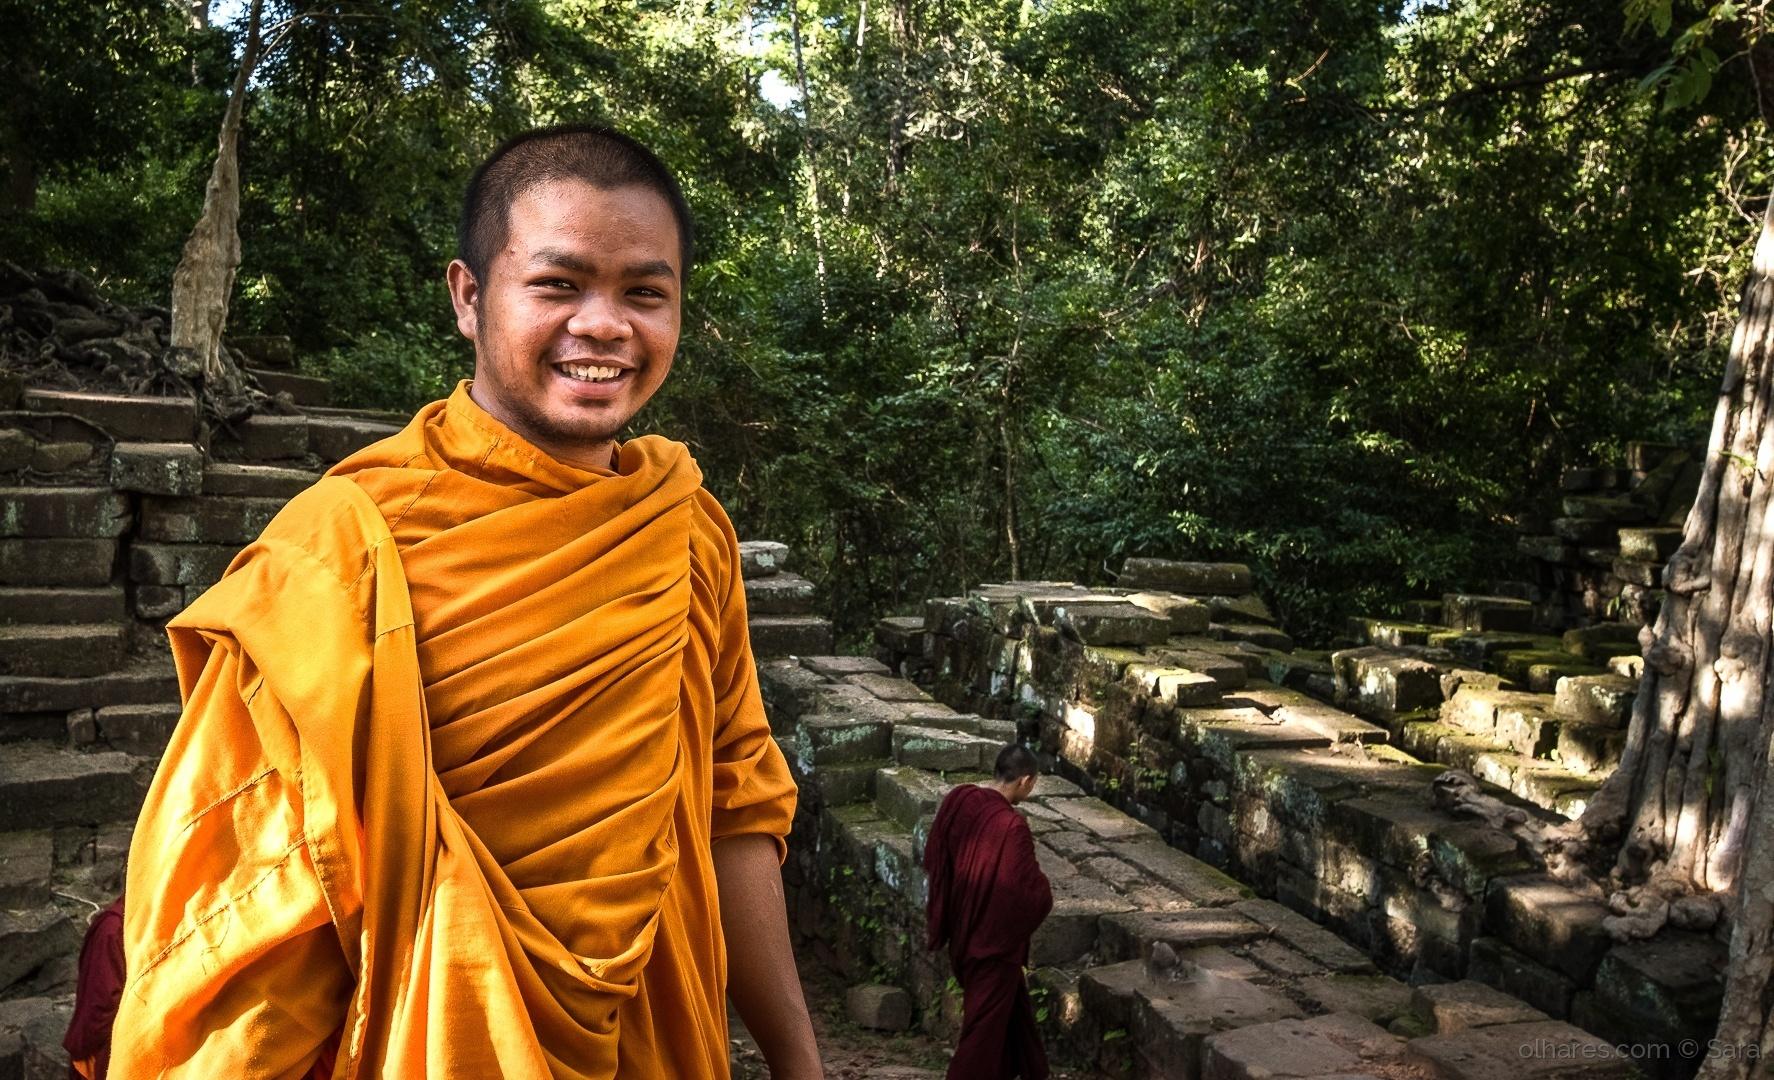 Gentes e Locais/...belo o sorriso do Monge